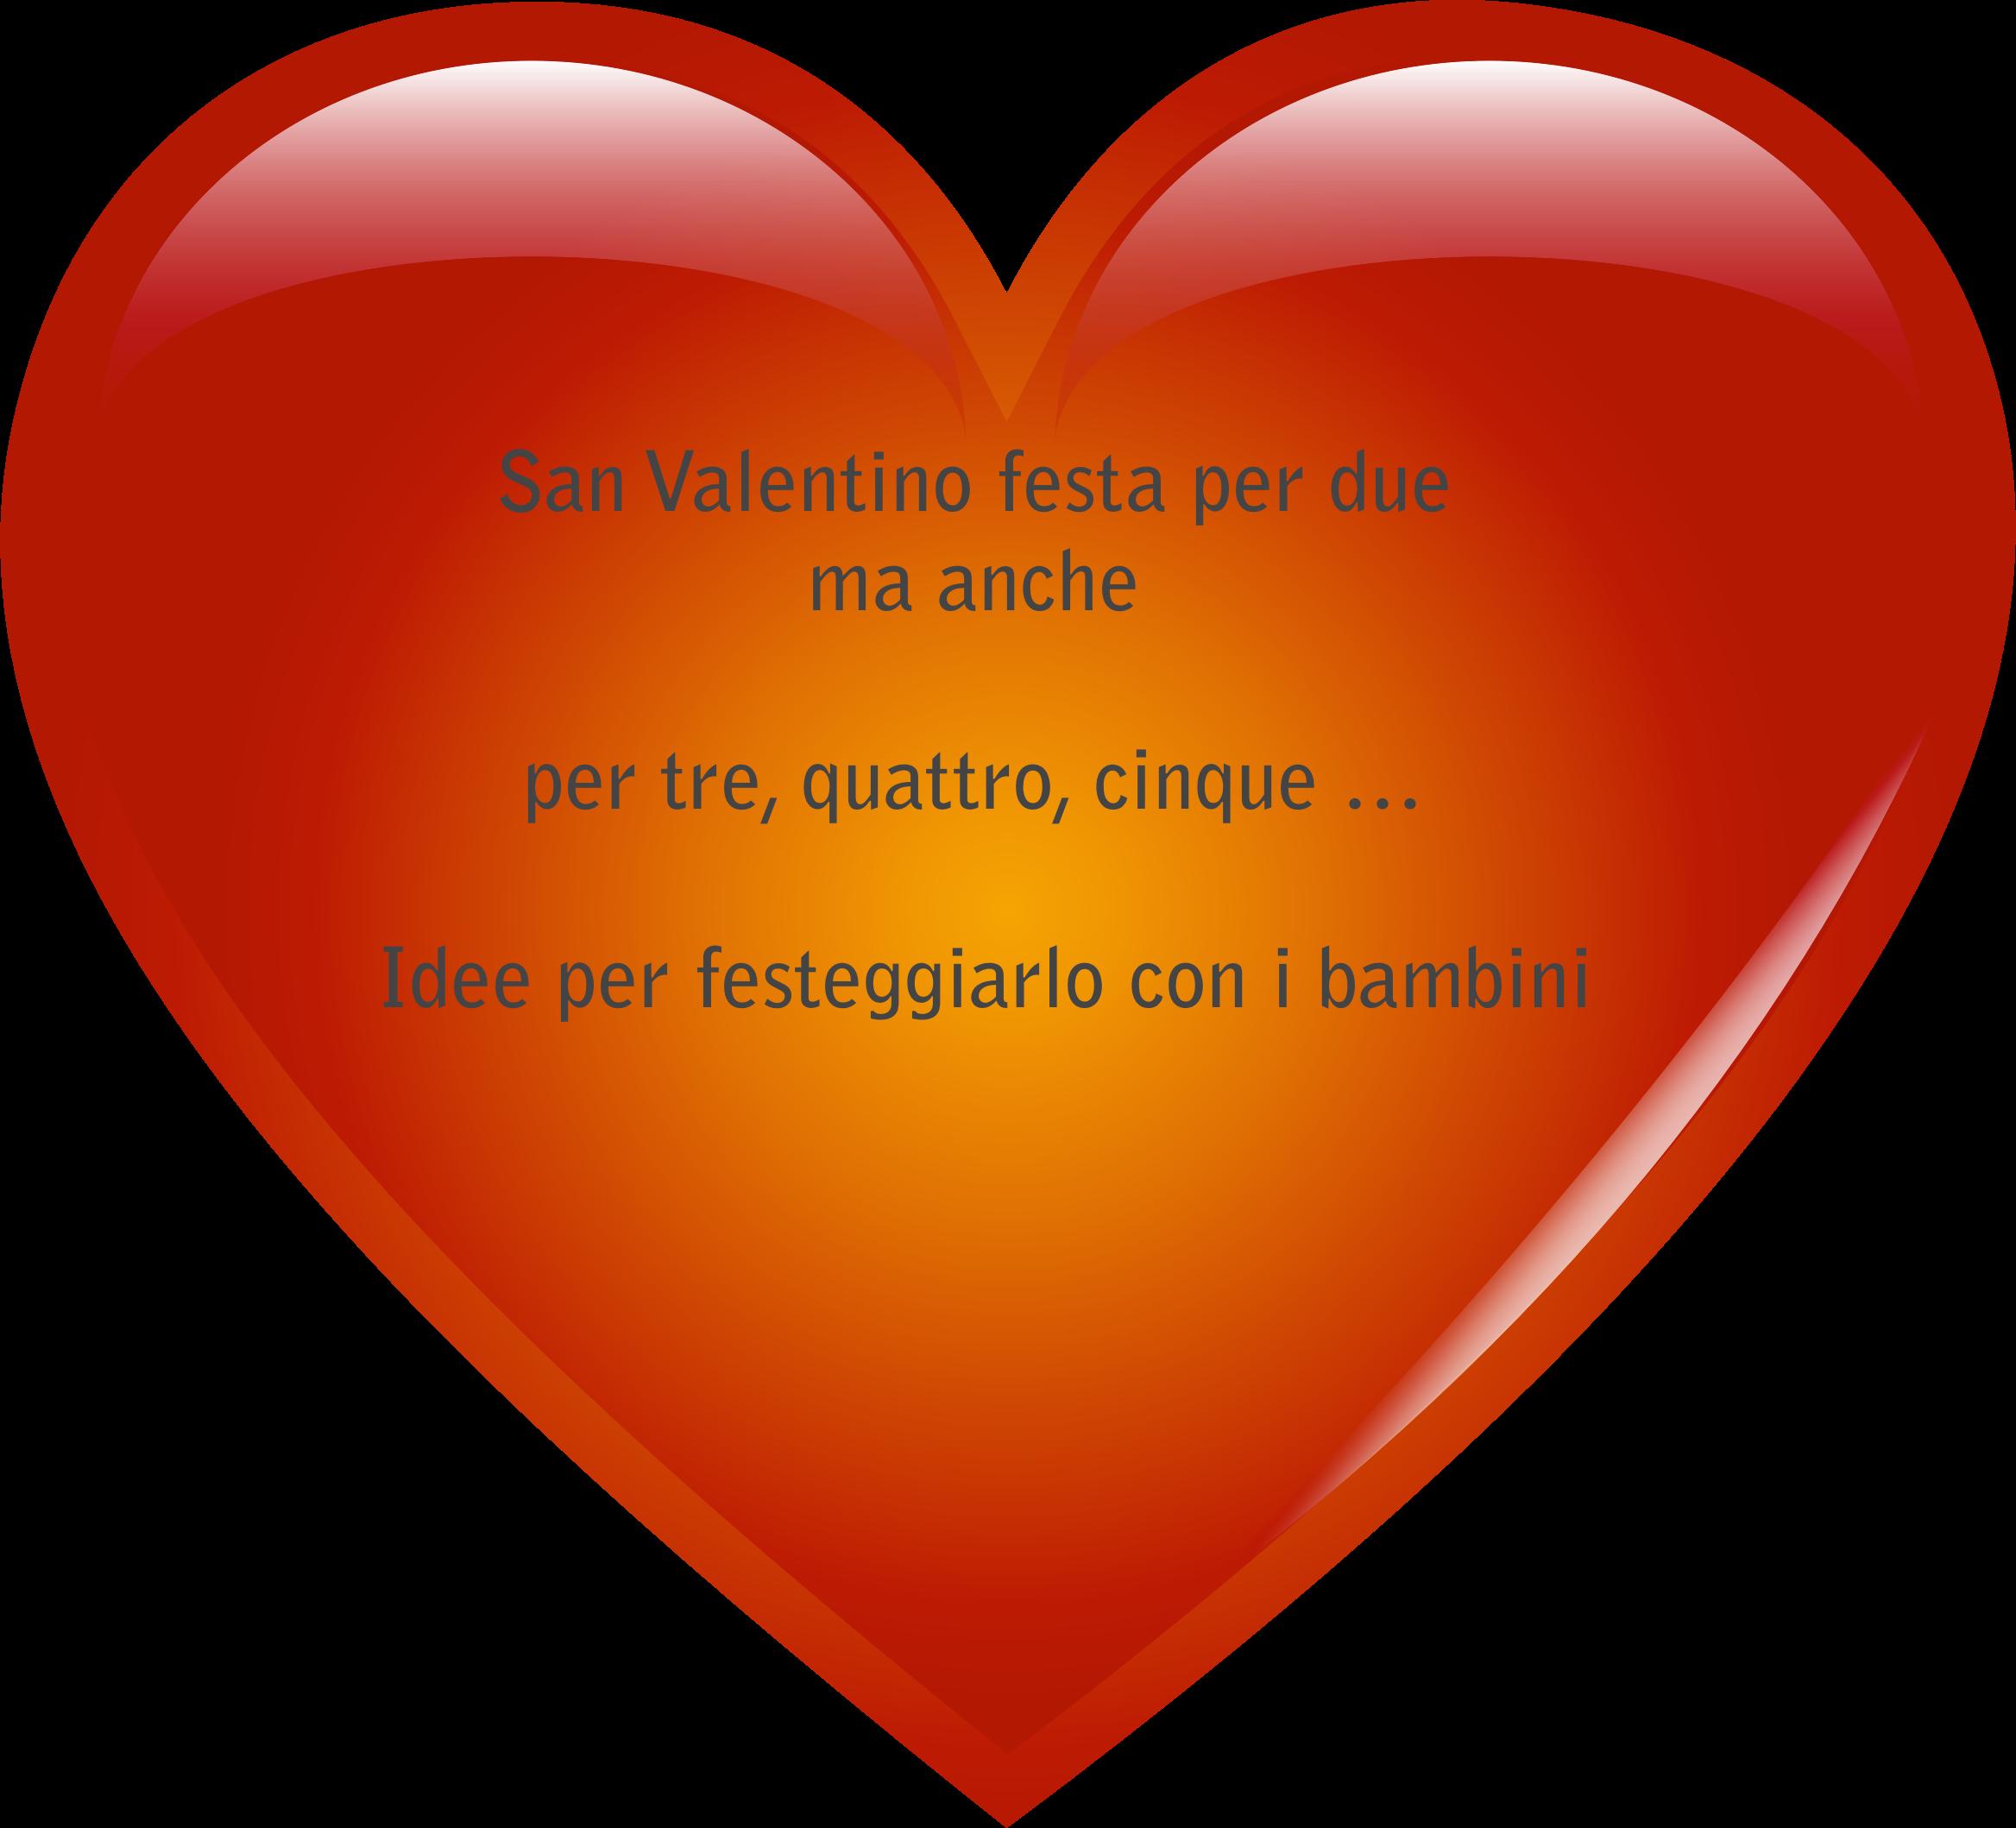 san valentino festa - photo #5